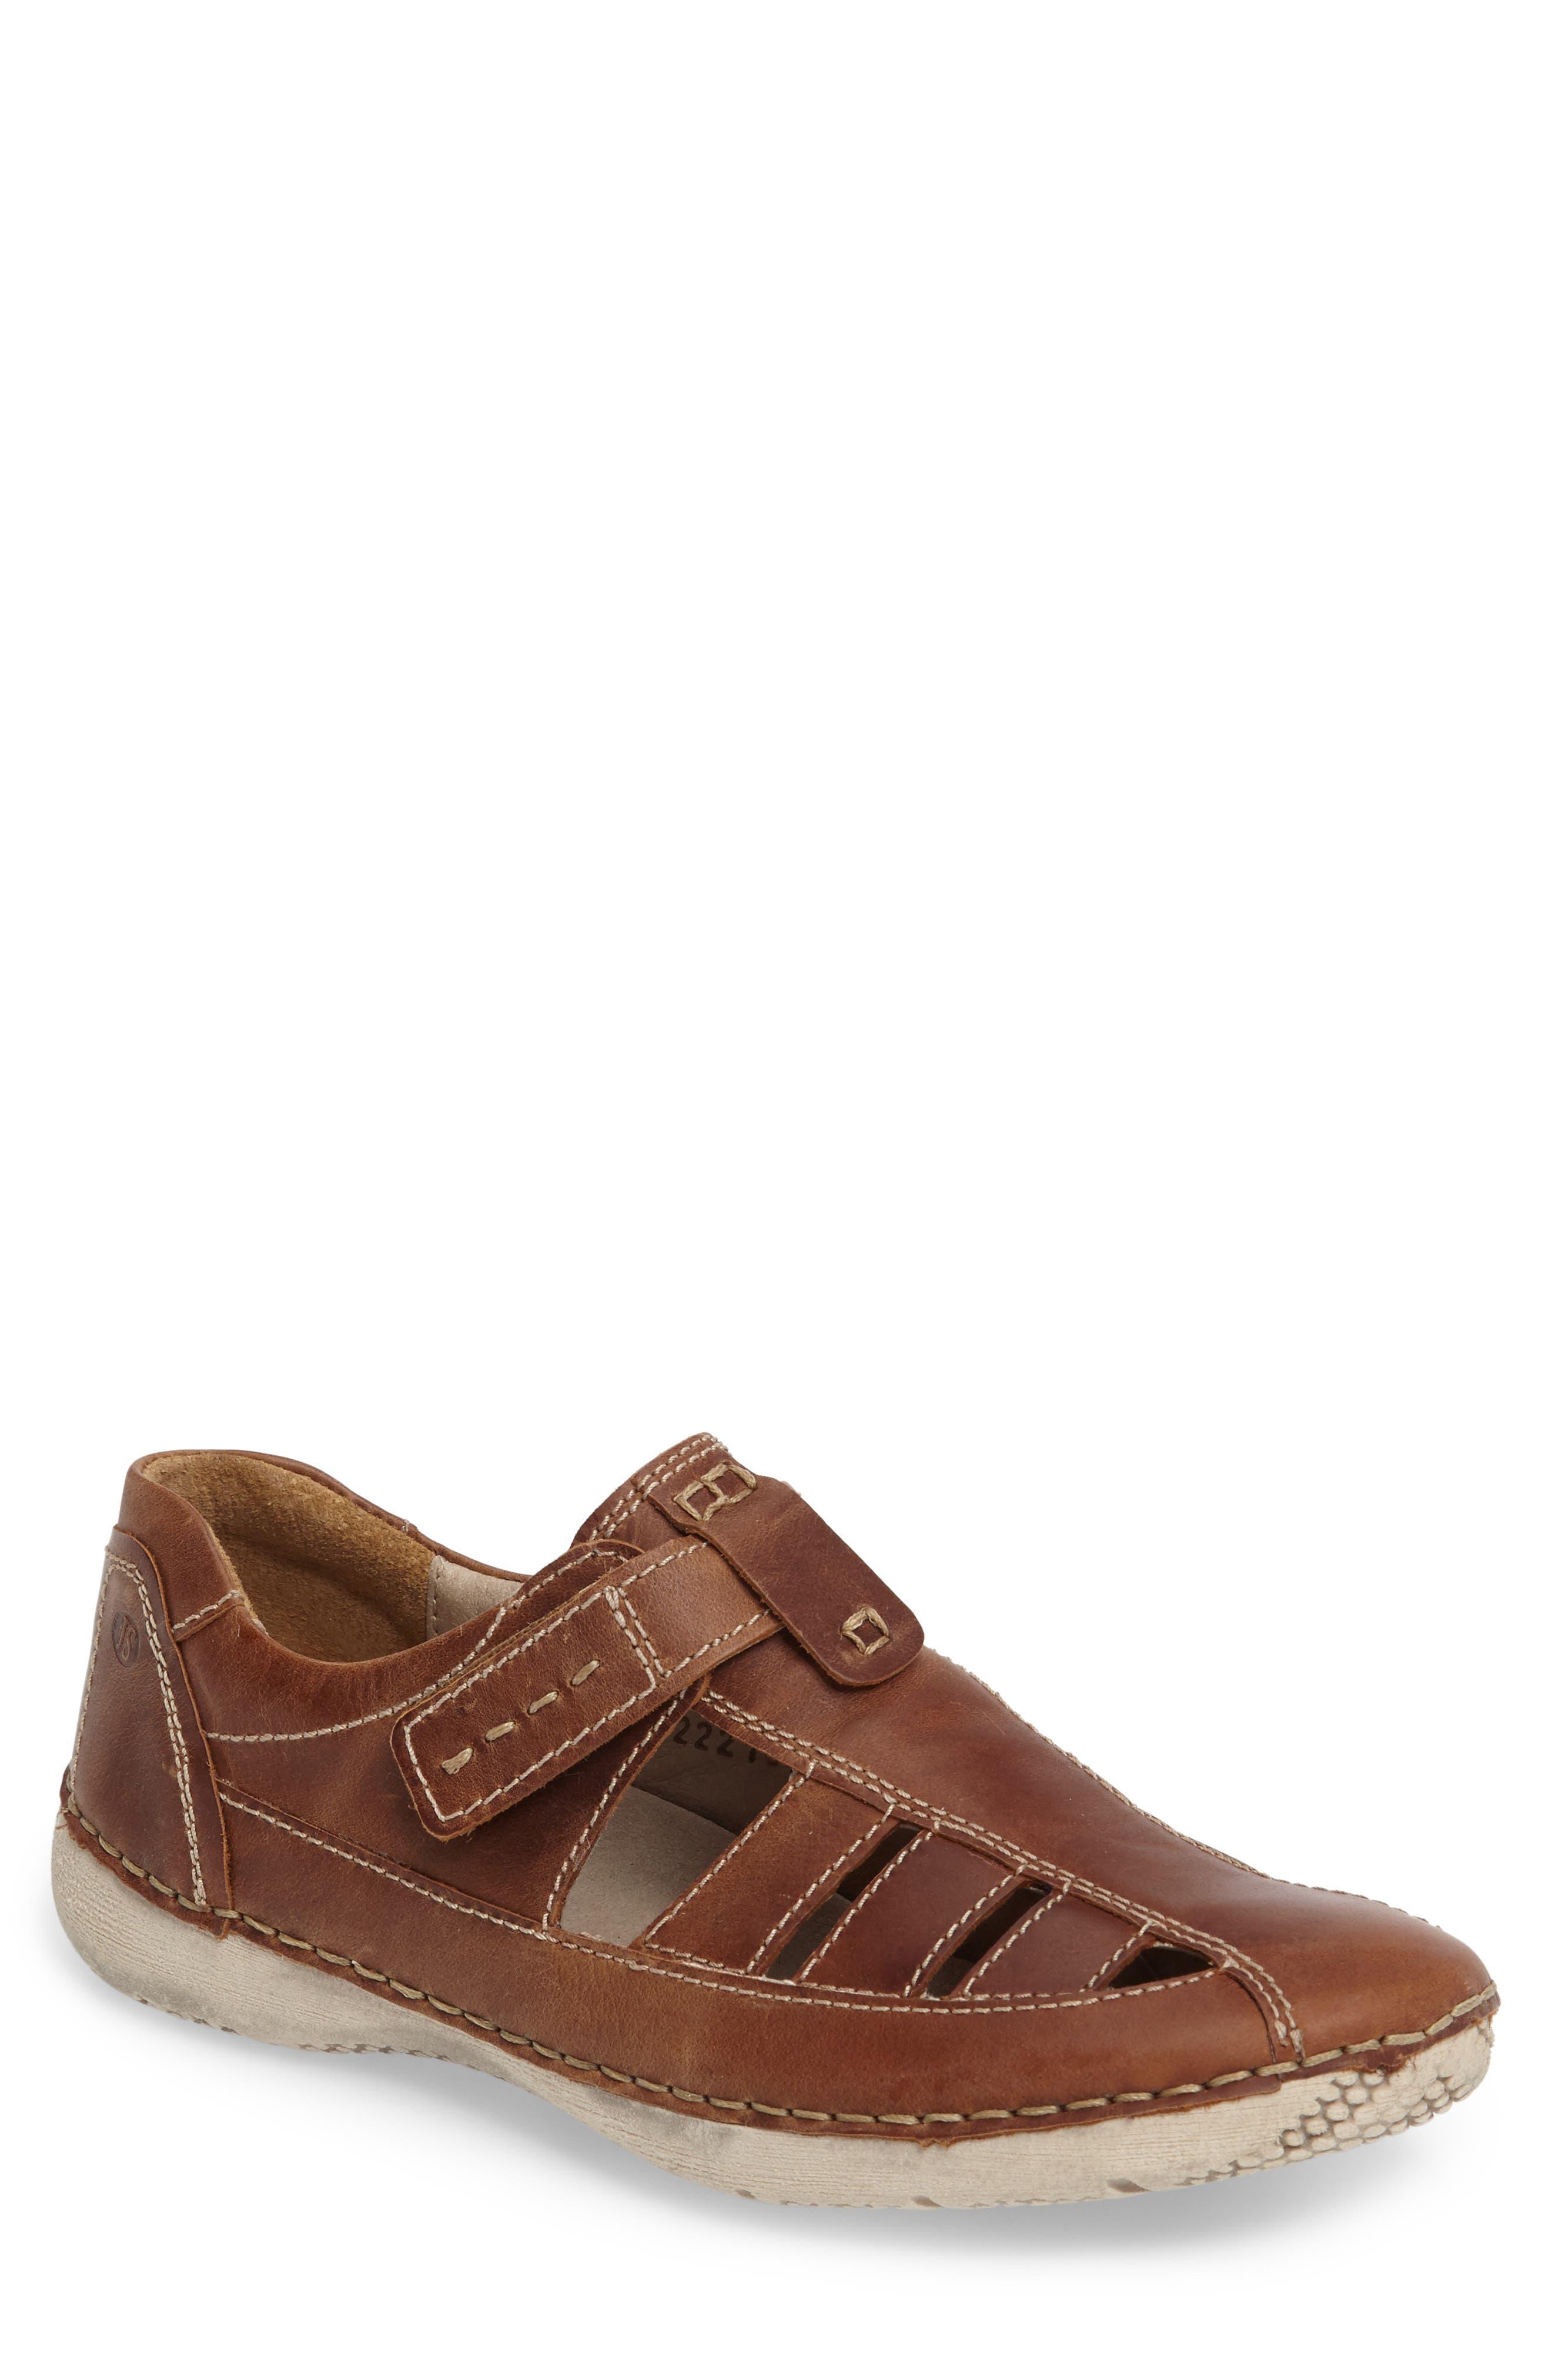 Antje 11 Sneaker,                         Main,                         color, 243